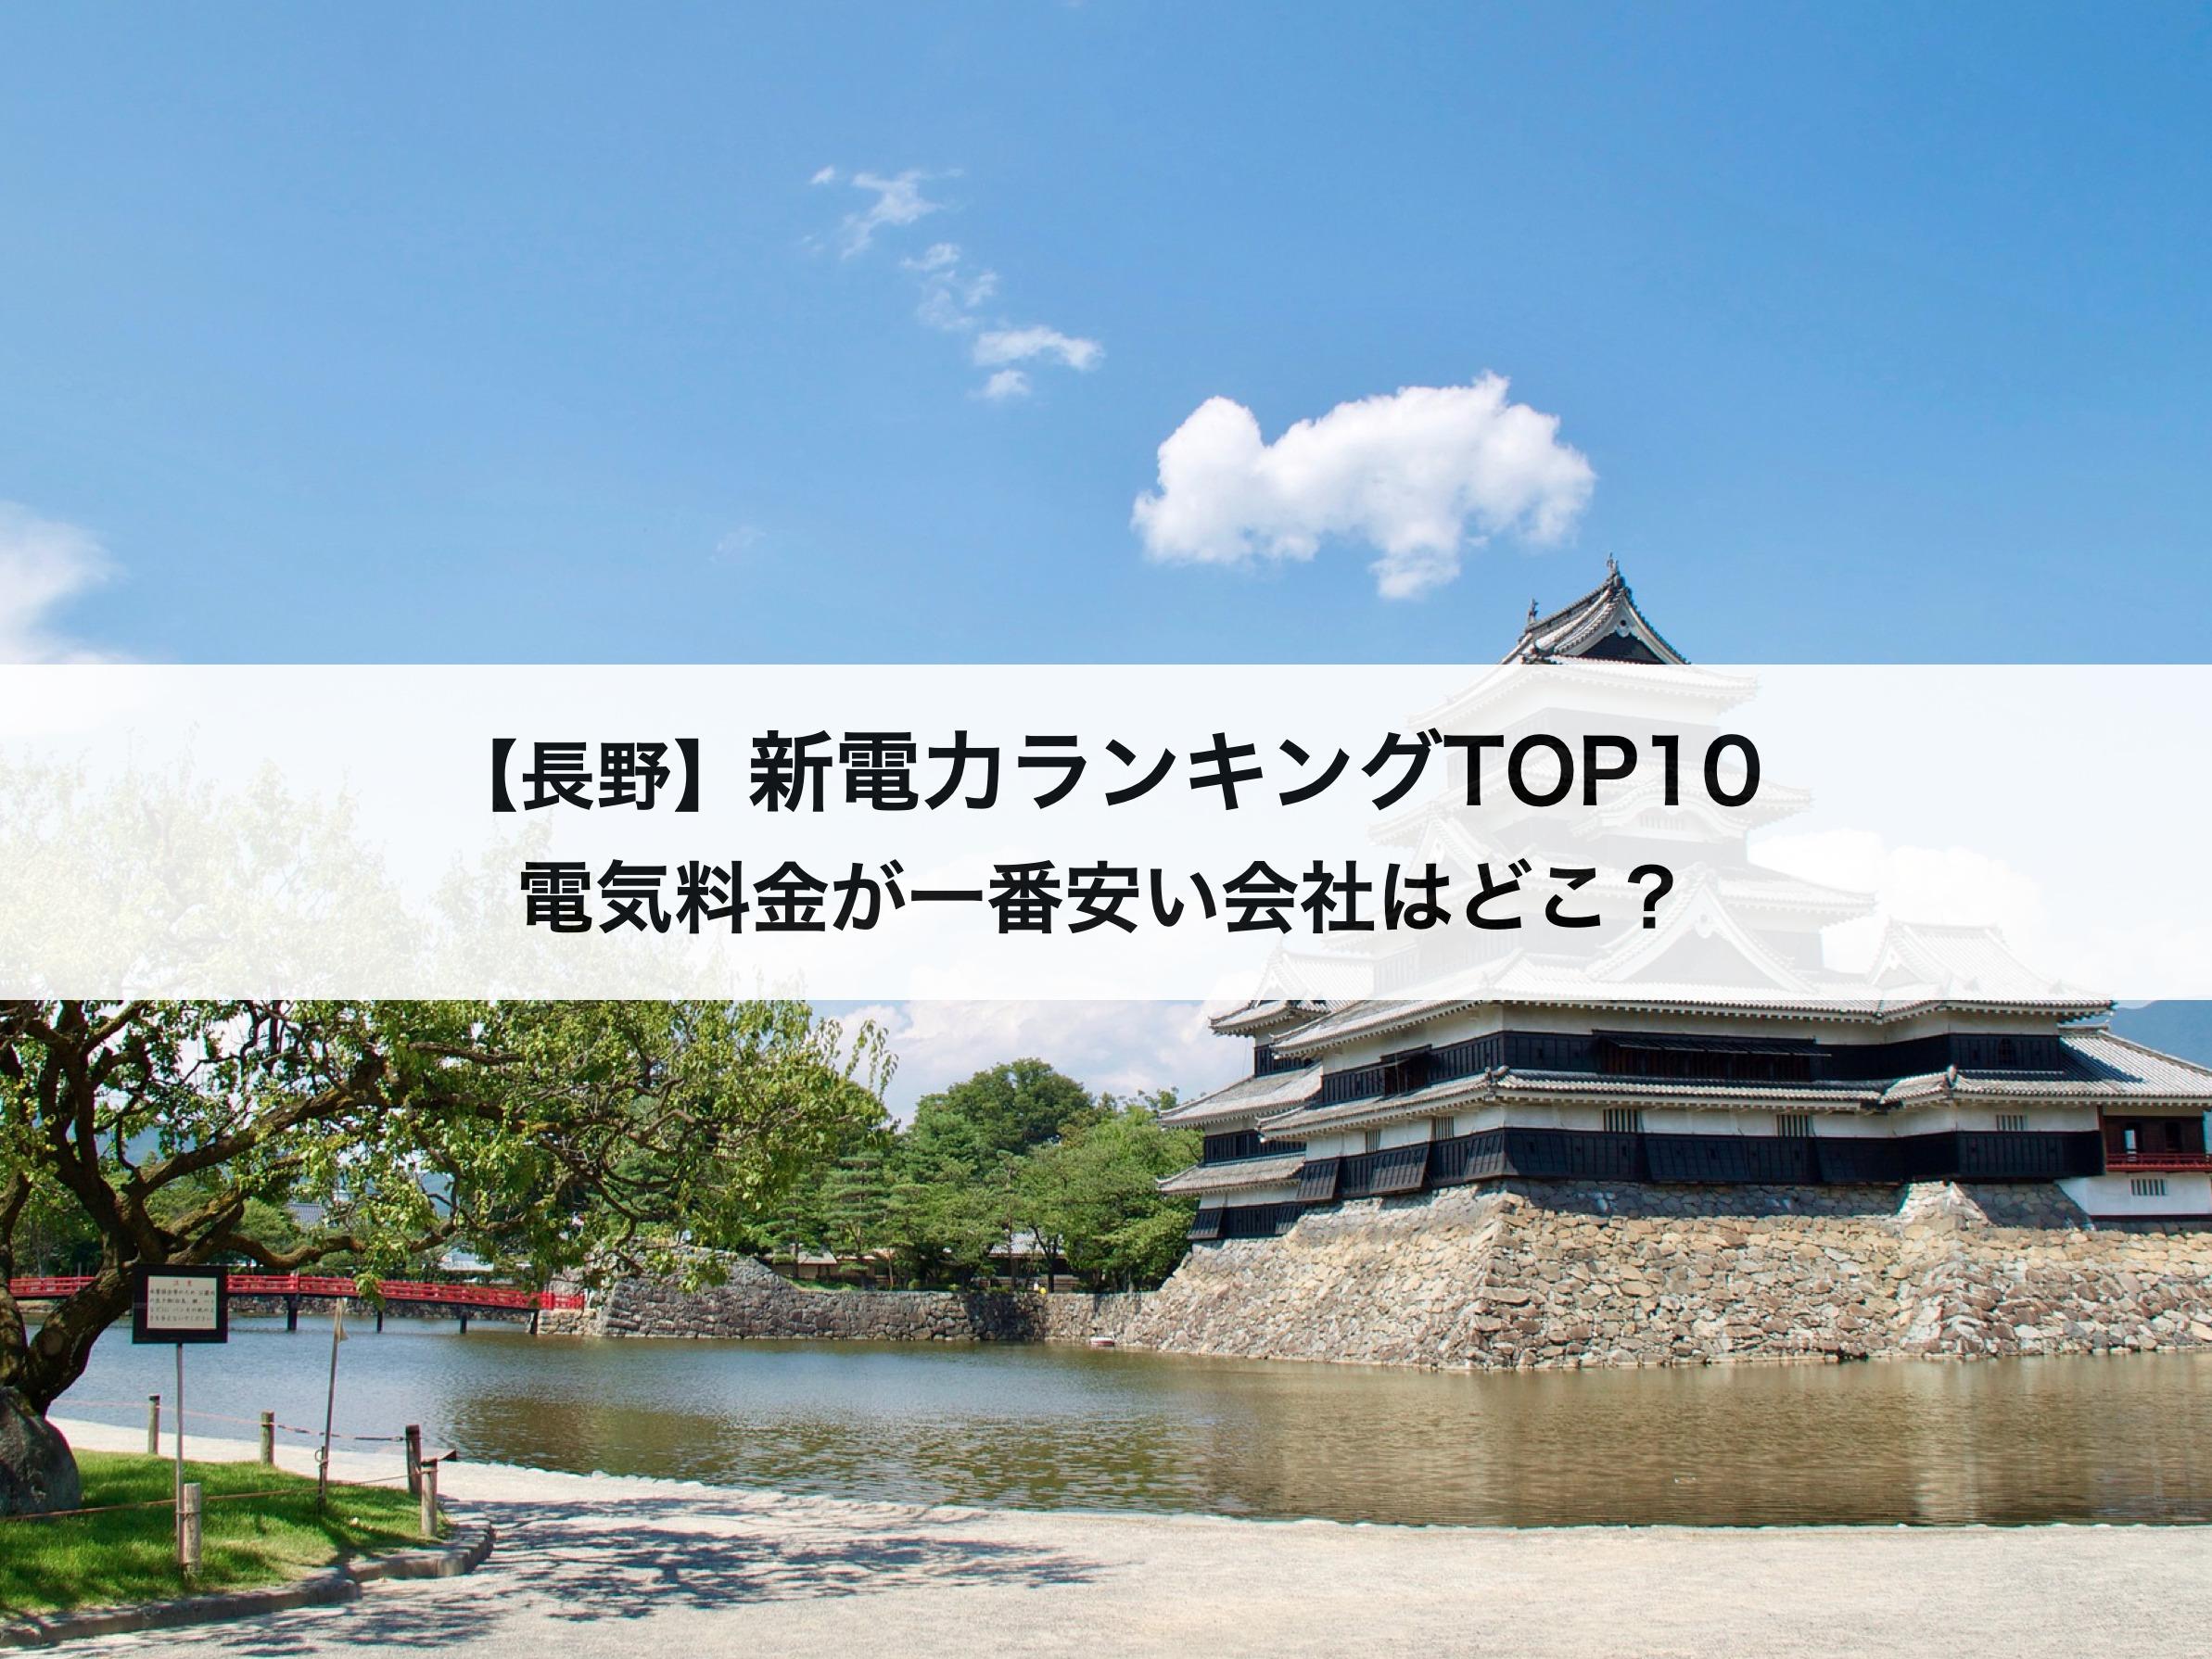 【長野県】新電力会社おすすめランキングTOP10 中部電力と比較して電気料金が一番安い電力会社はどこ?